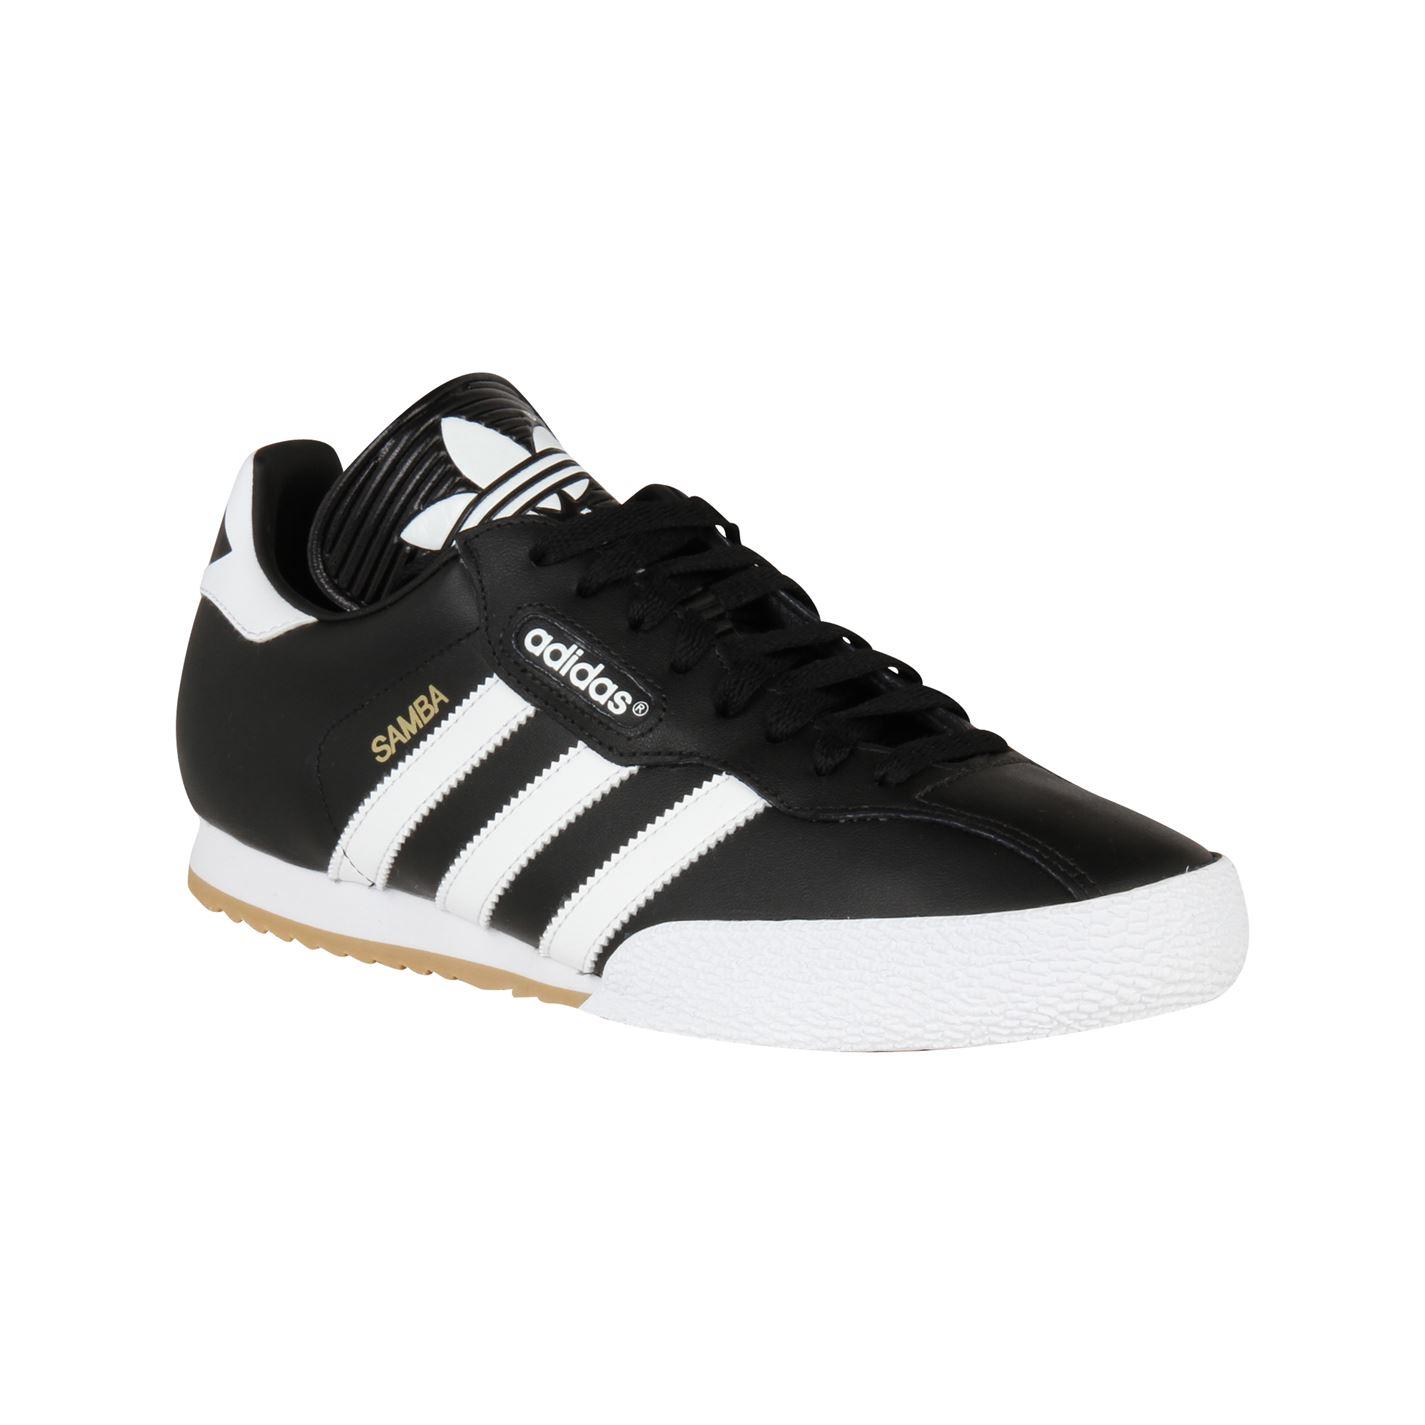 adidas samba trainers adidas samba super mens trainers black/white 263150 MUHAIBK